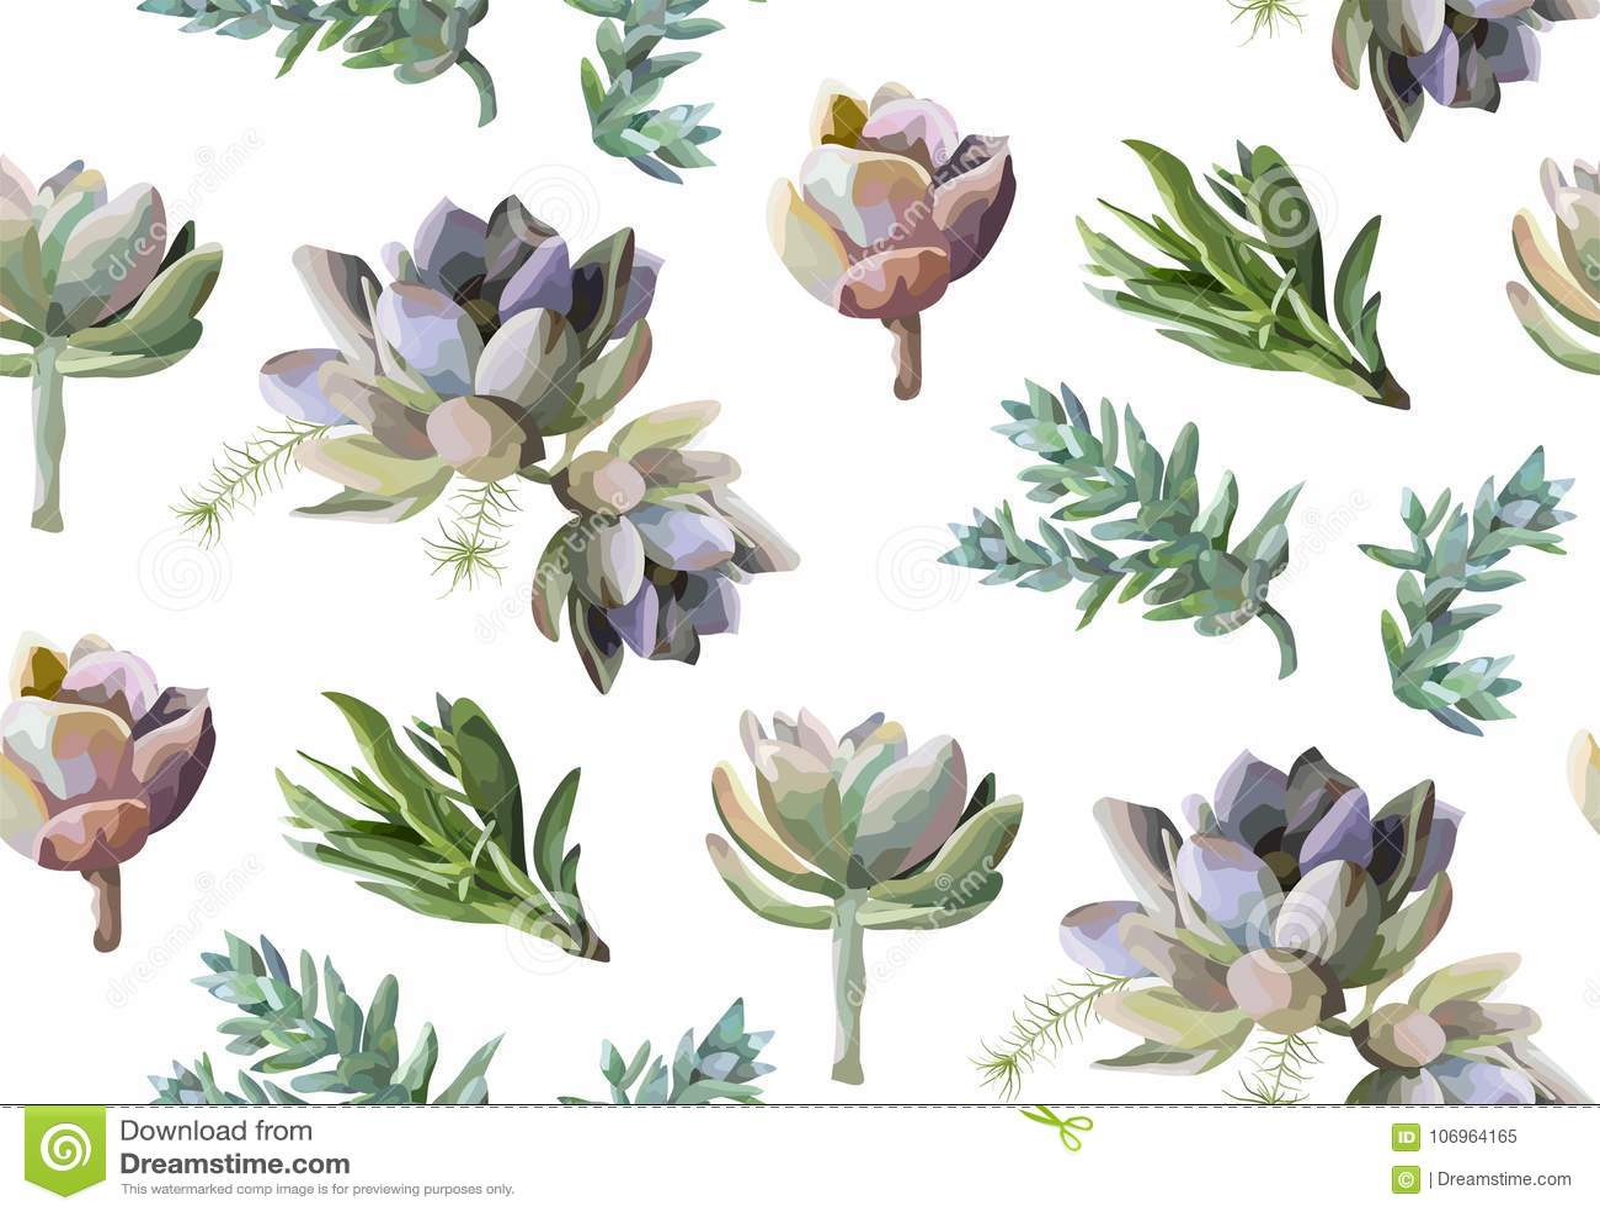 Modelo inconsútil: Acuarela suculenta b dibujado mano de la planta de la flor